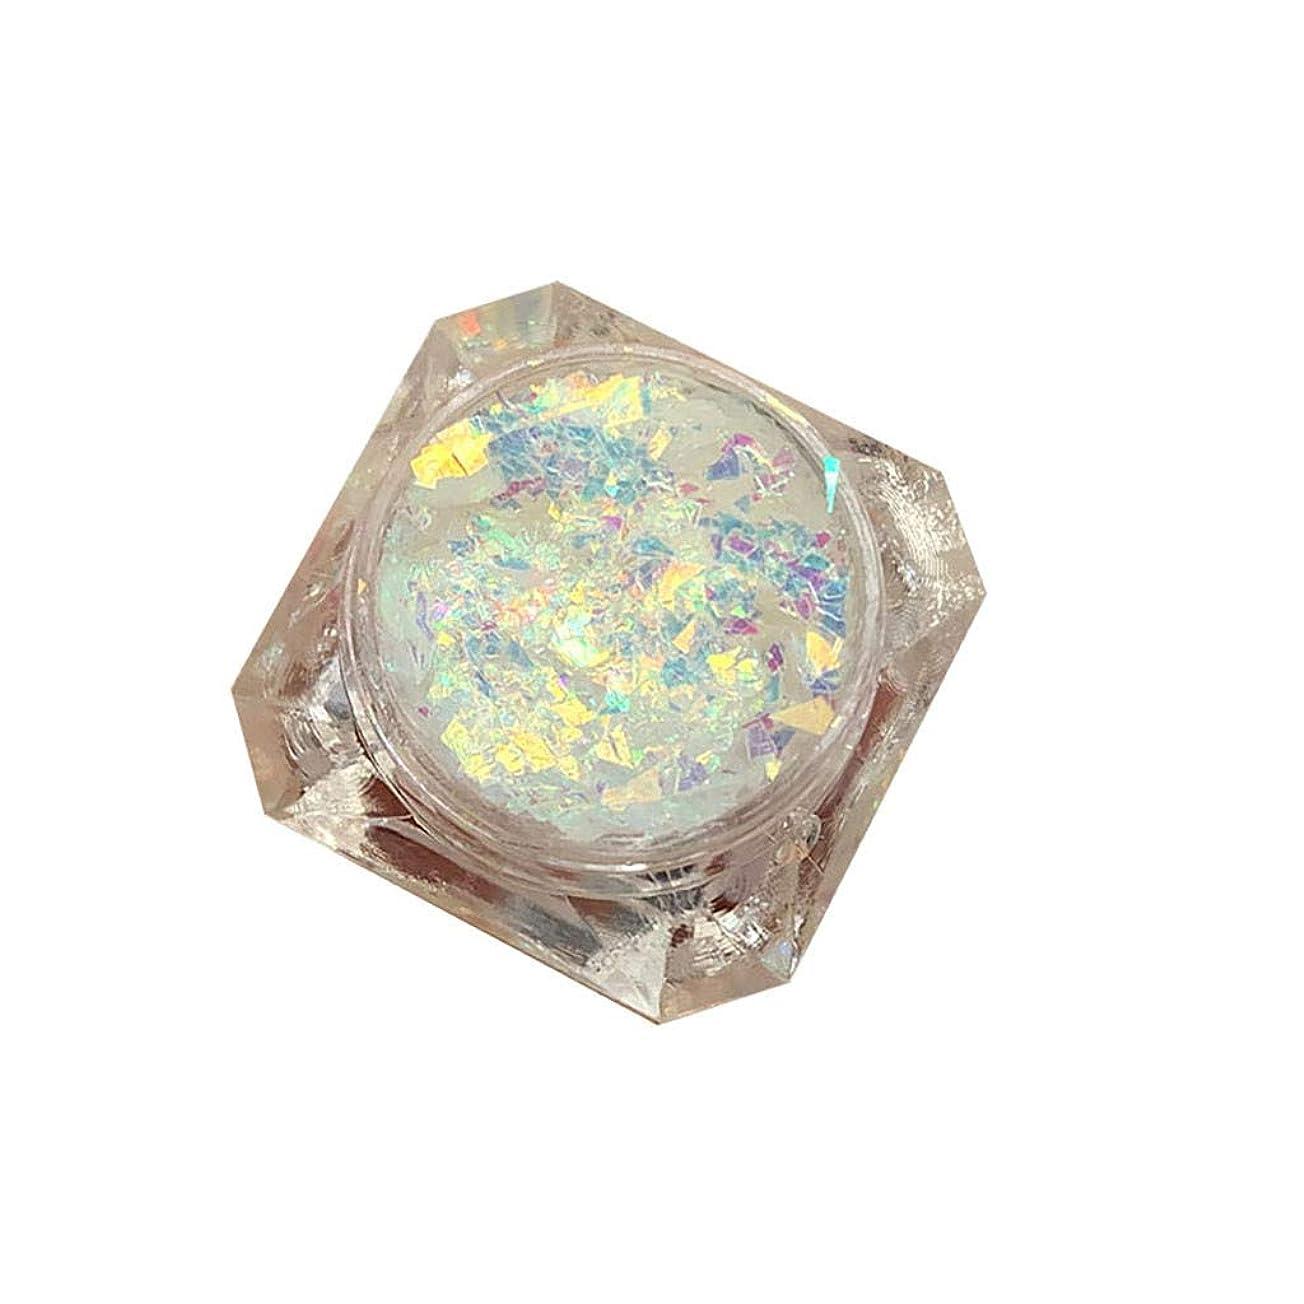 甘くするアシスト永遠のGOOD lask 接着剤フリーのスパンコール混合ゲルジェルクリーム真珠光沢のある高光沢グリッターグリッターアイパウダールースパウダージェルシャドウセット (N)